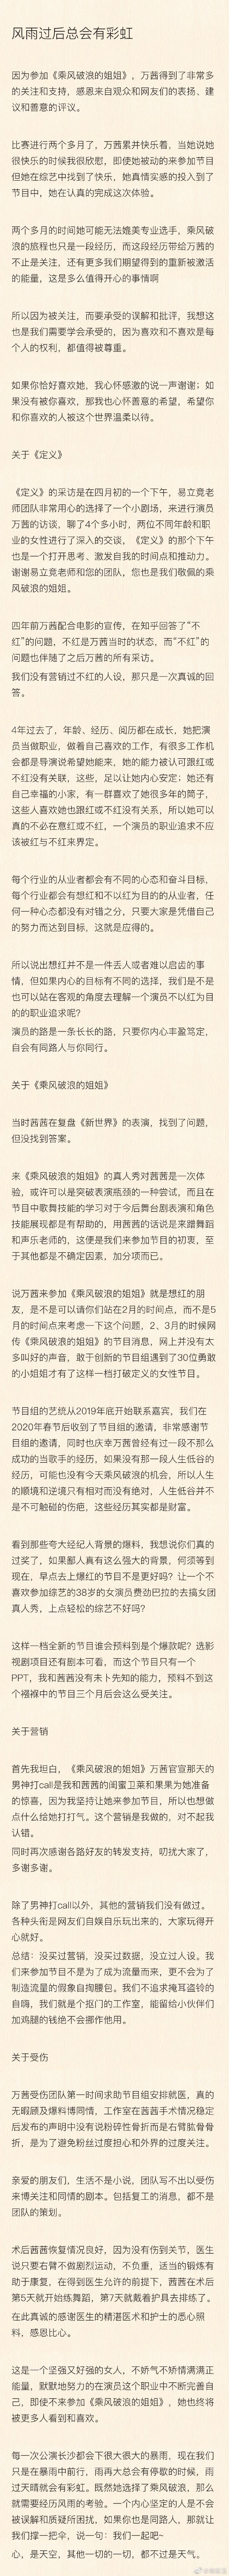 天富经纪人发文回应质疑称没买过营天富销没立图片